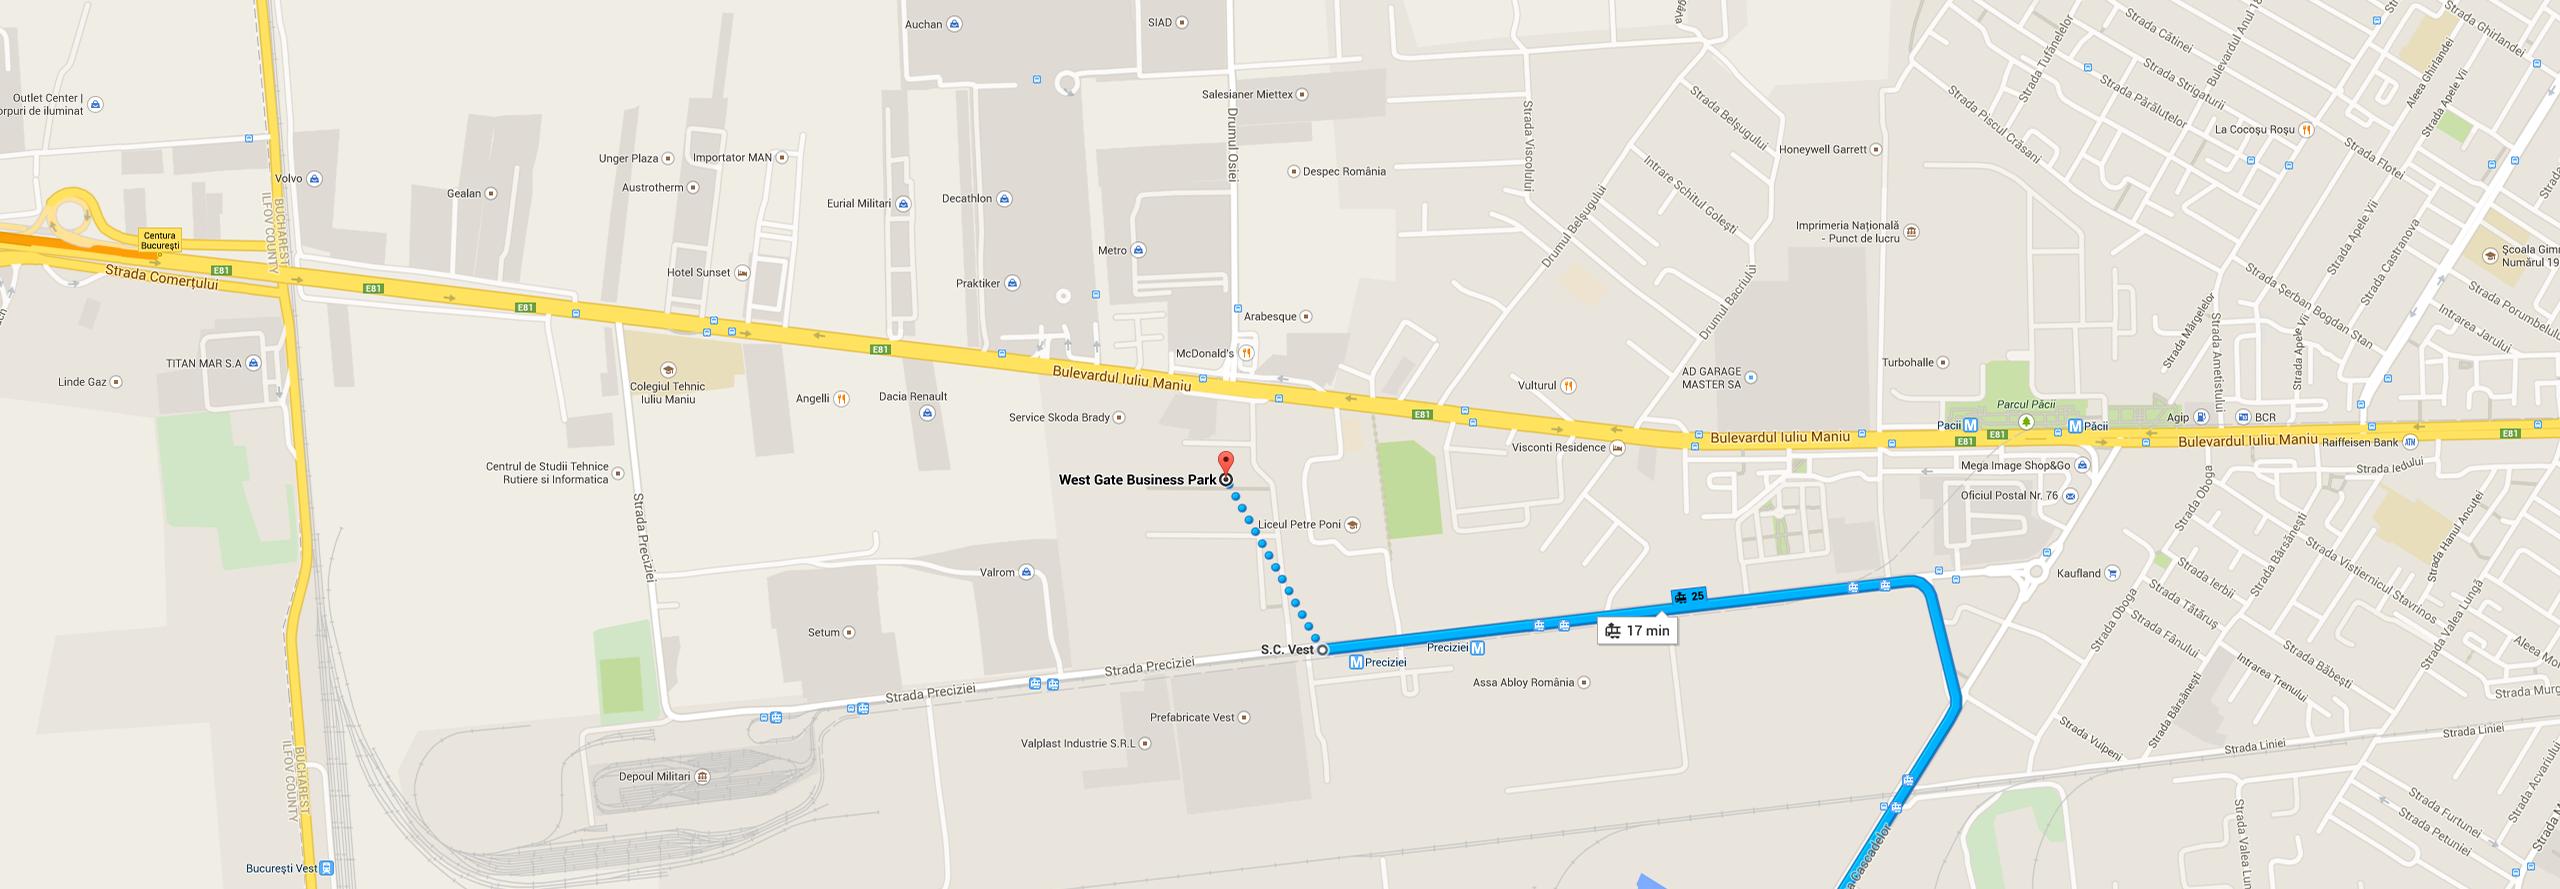 Westgate - Tram